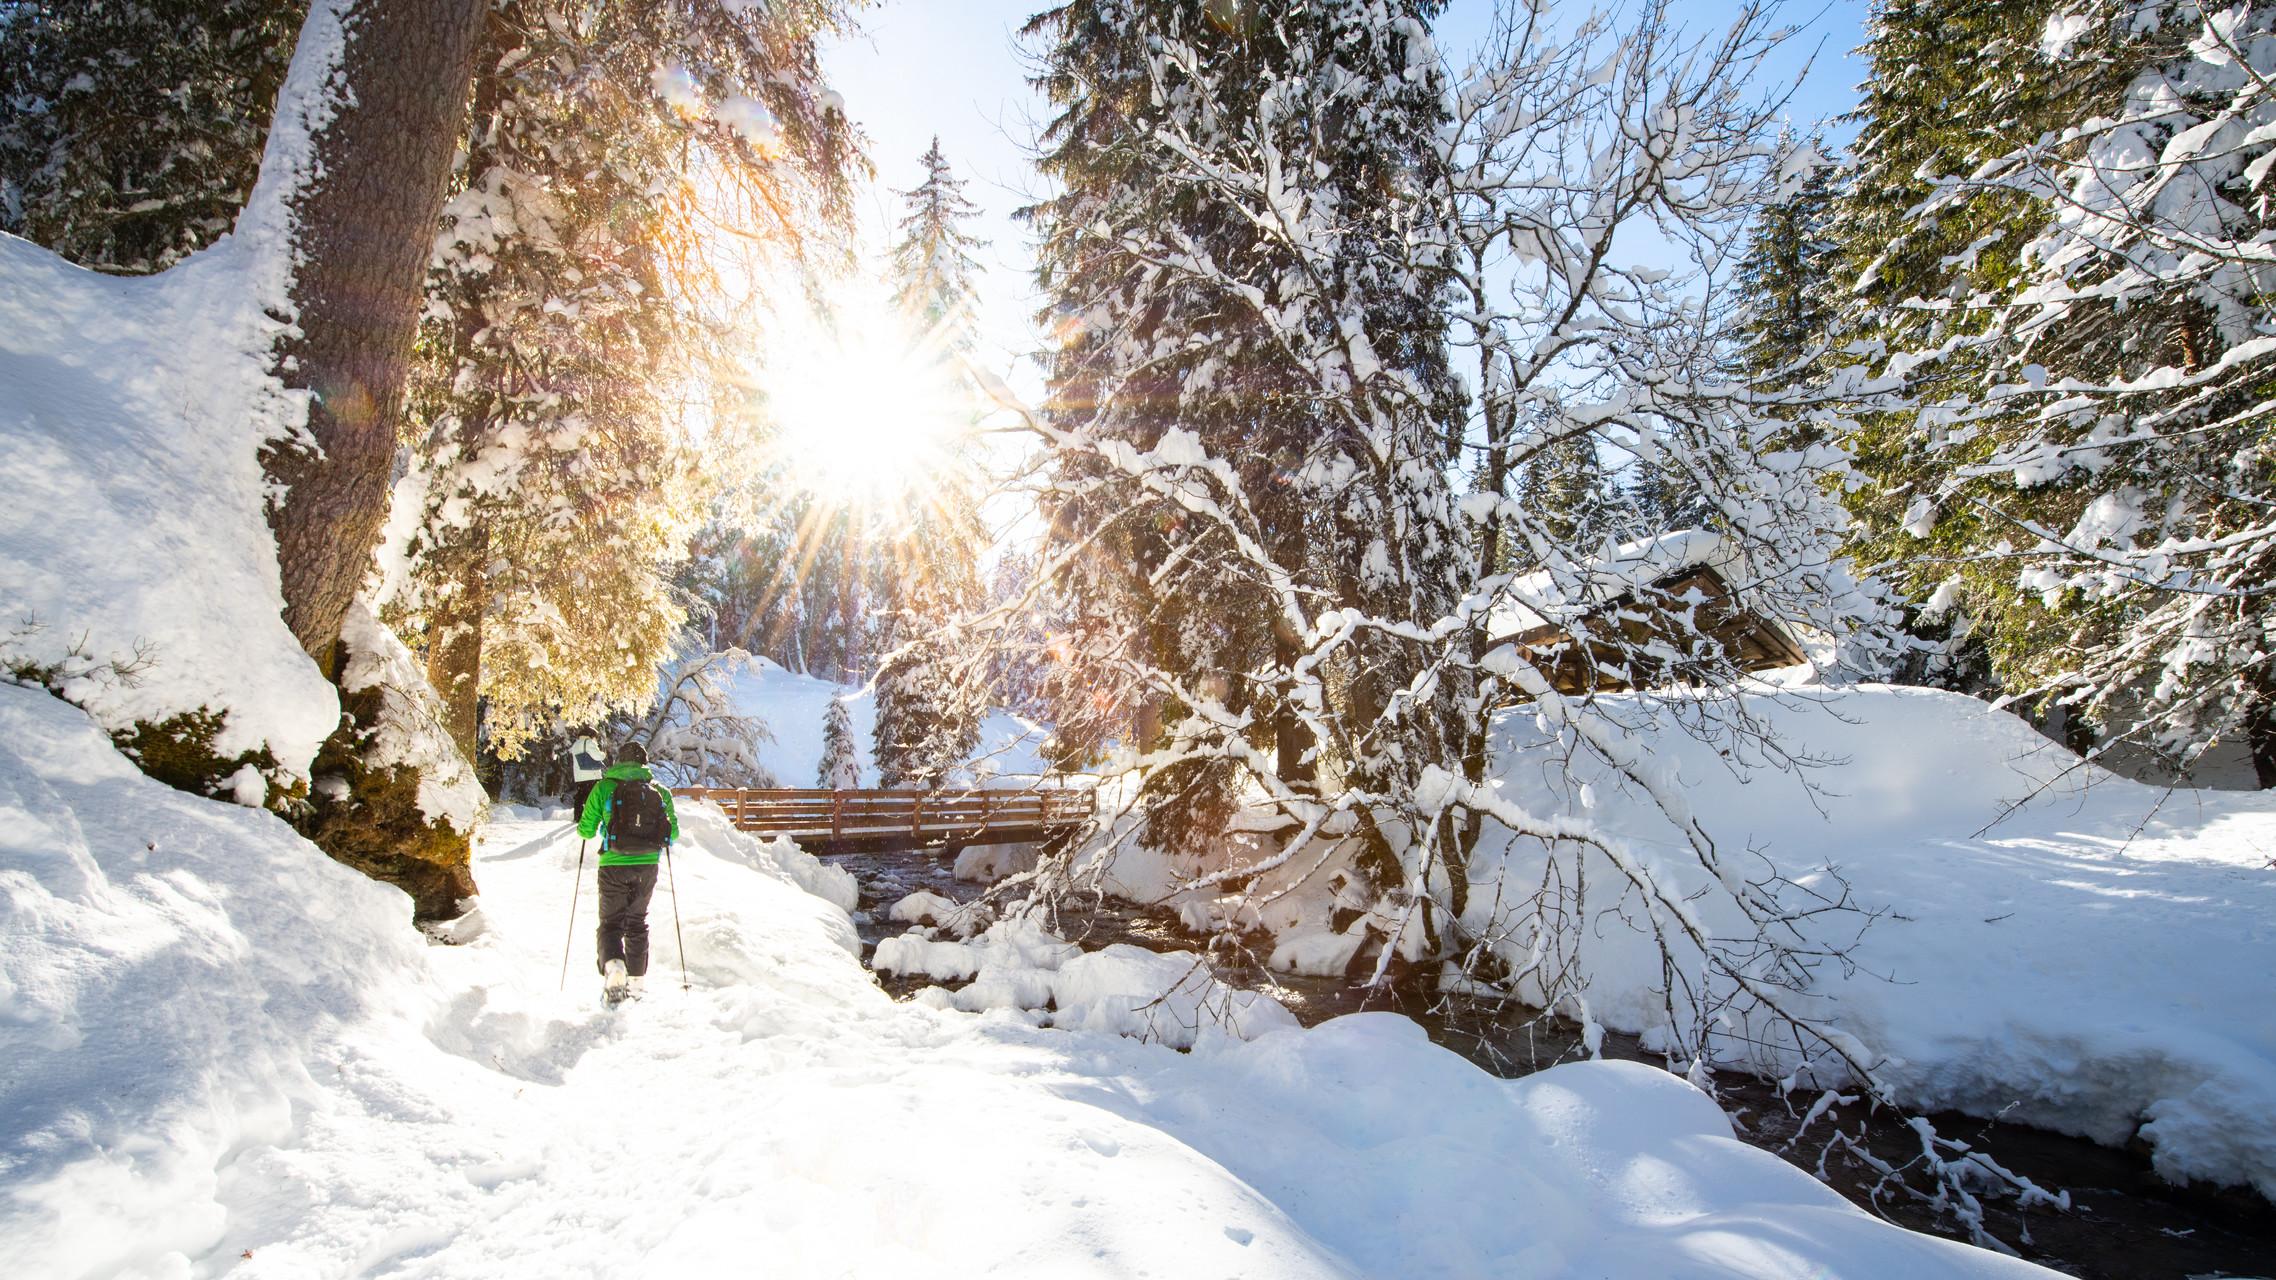 Streifen Sie auf Schneeschuhen der Vièze entlang durch den verschneiten Tannenwald des Vallon de They.